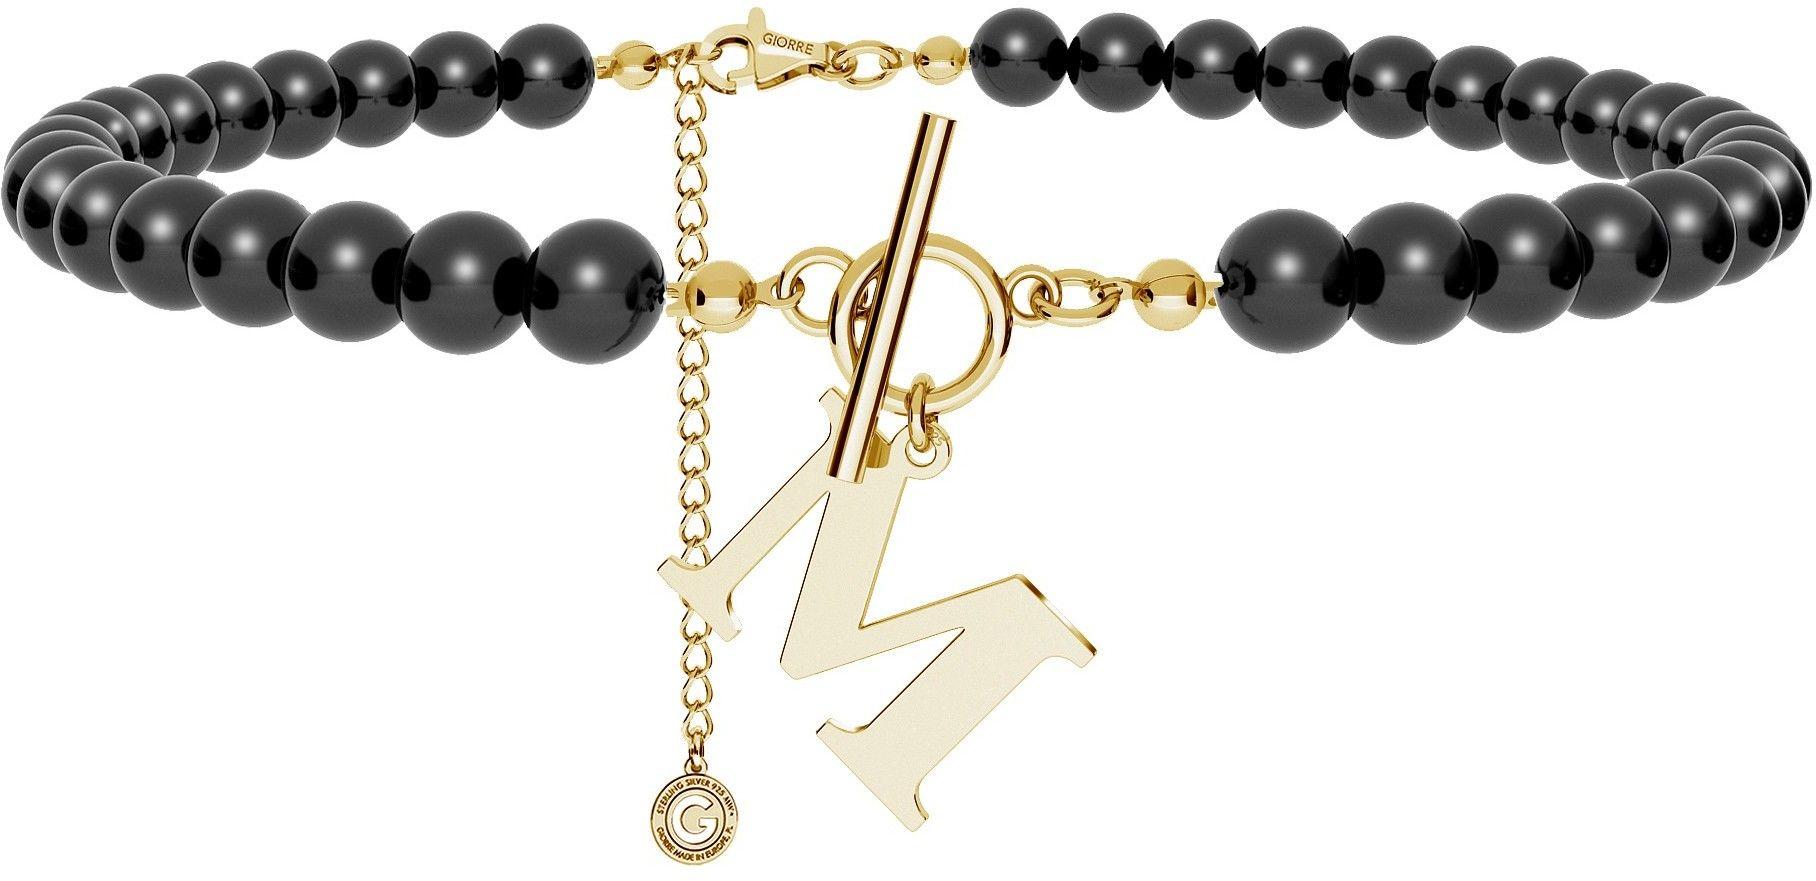 Czarny perłowy choker z dowolną literą, Swarovski, srebro 925 : Litera - H, Srebro - kolor pokrycia - Pokrycie żółtym 18K złotem